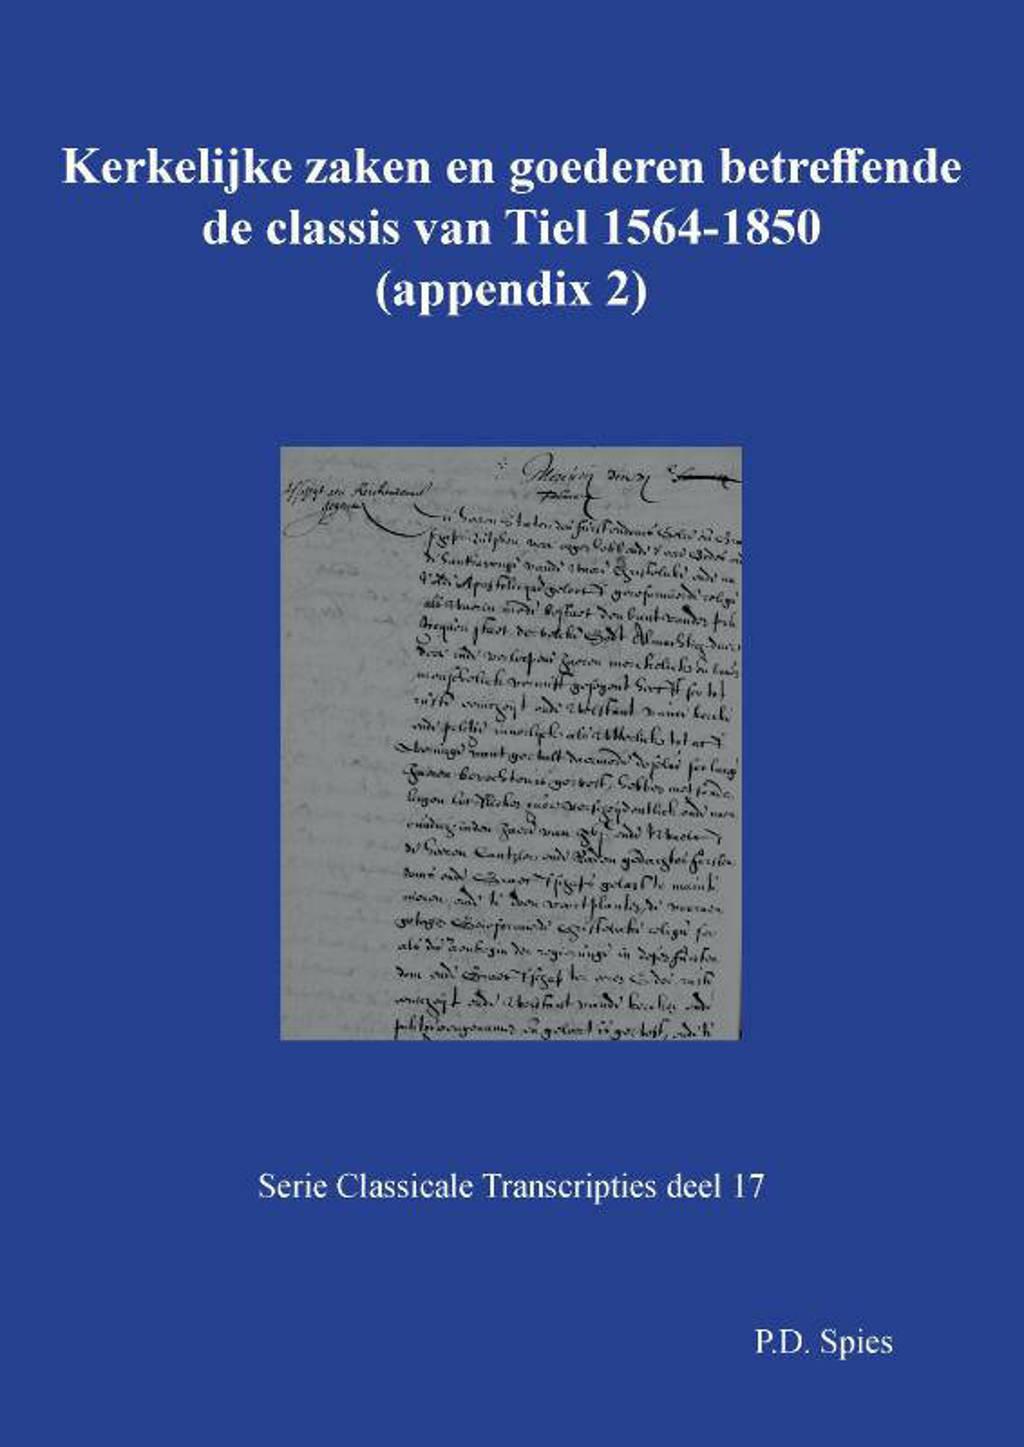 Serie Classicale Transcripties: Kerkelijke zaken en goederen betreffende de classis van Tiel 1564-1850 - P.D. Spies